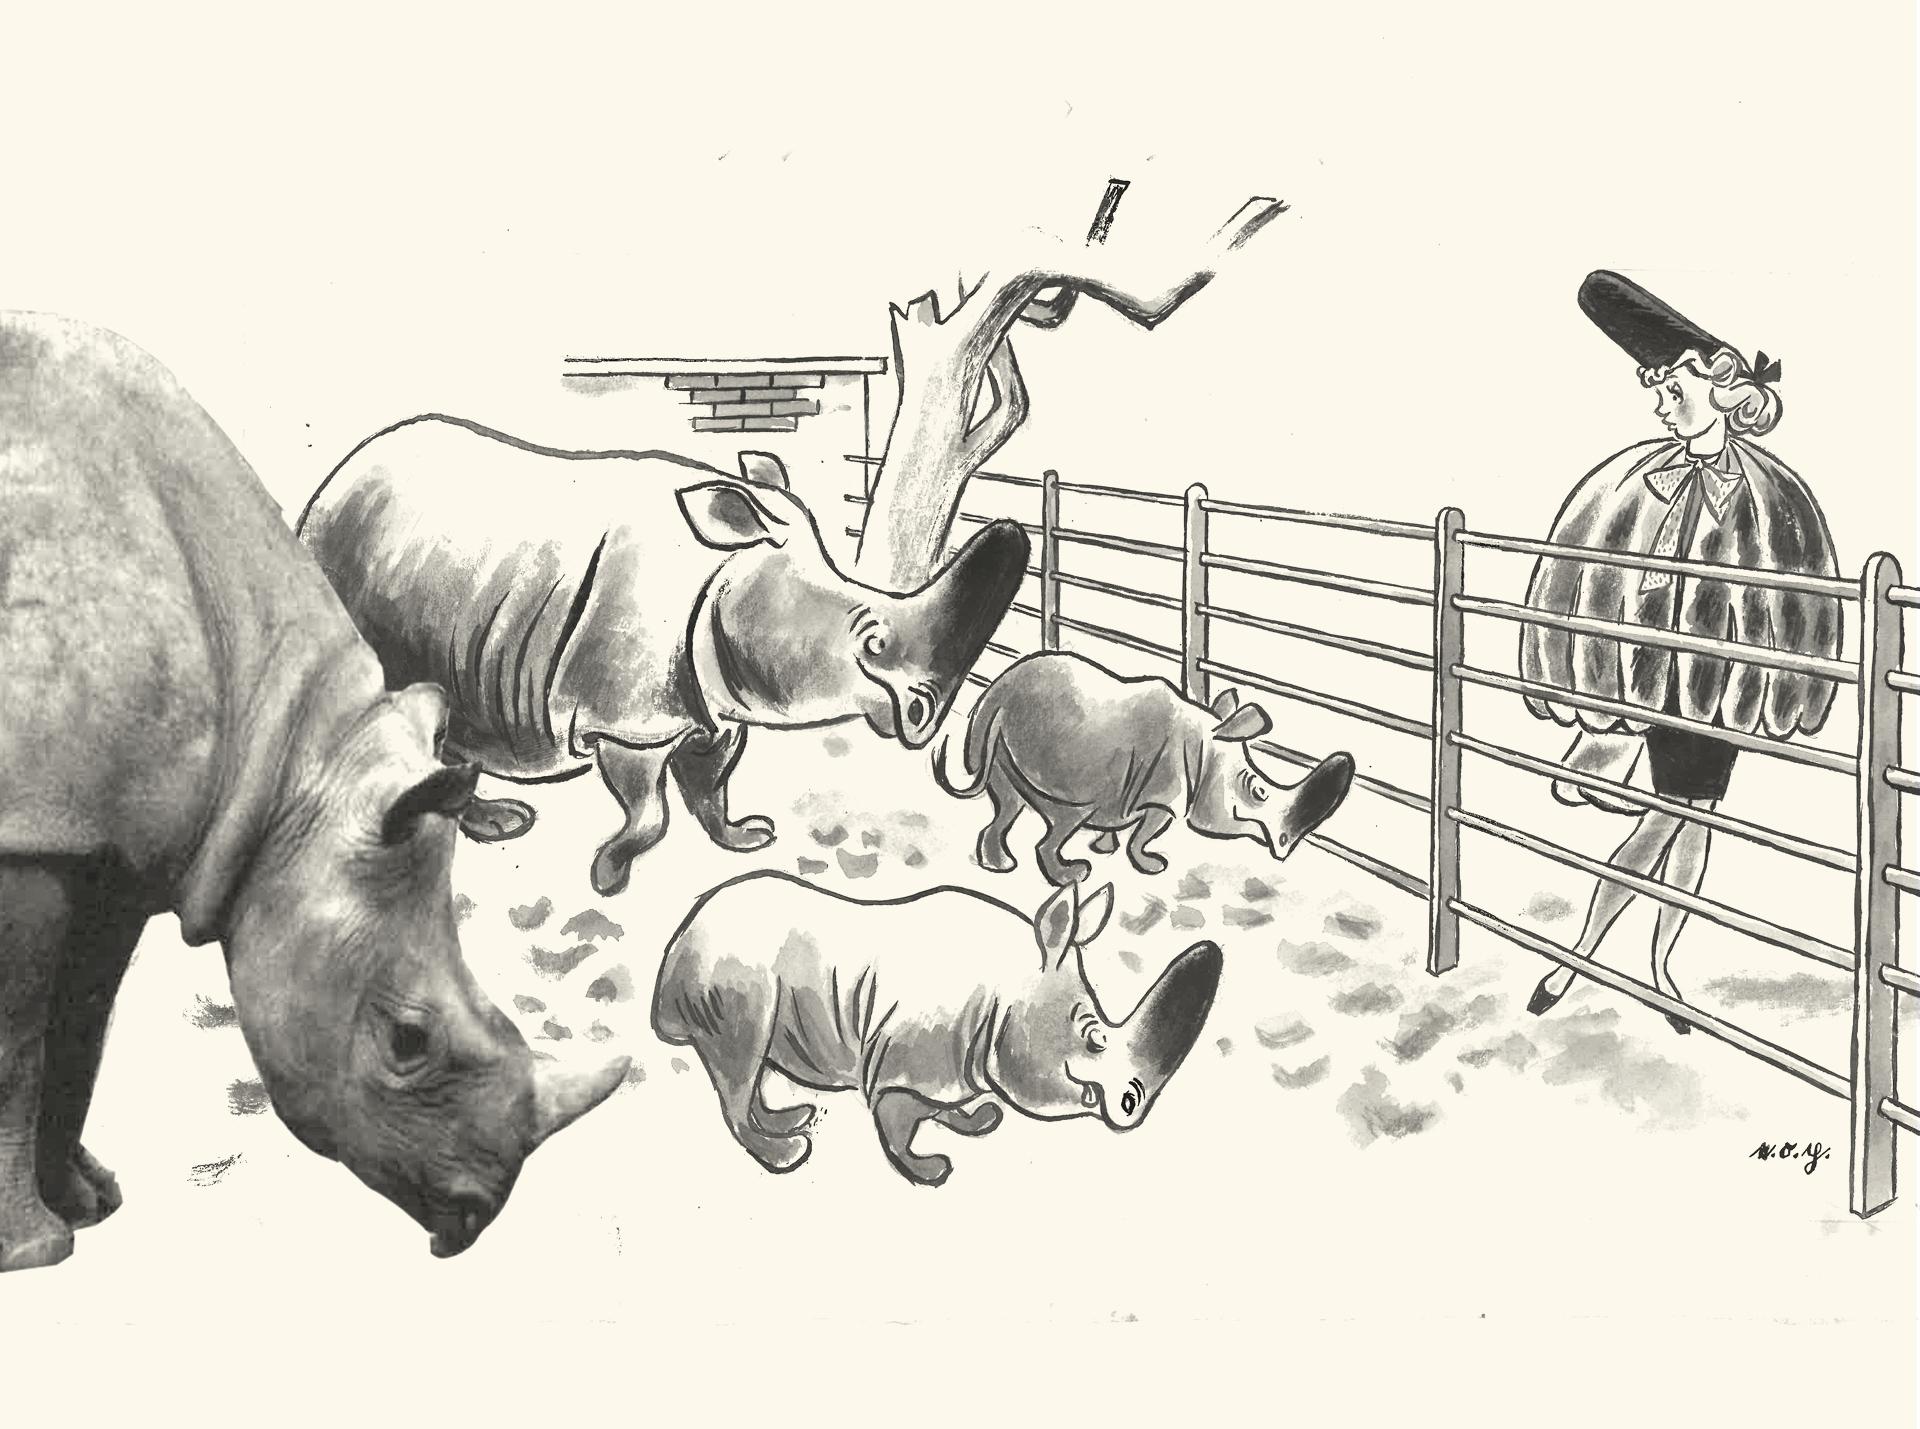 e.o.plauen: Zeichnen im Takt von Presse und Leben